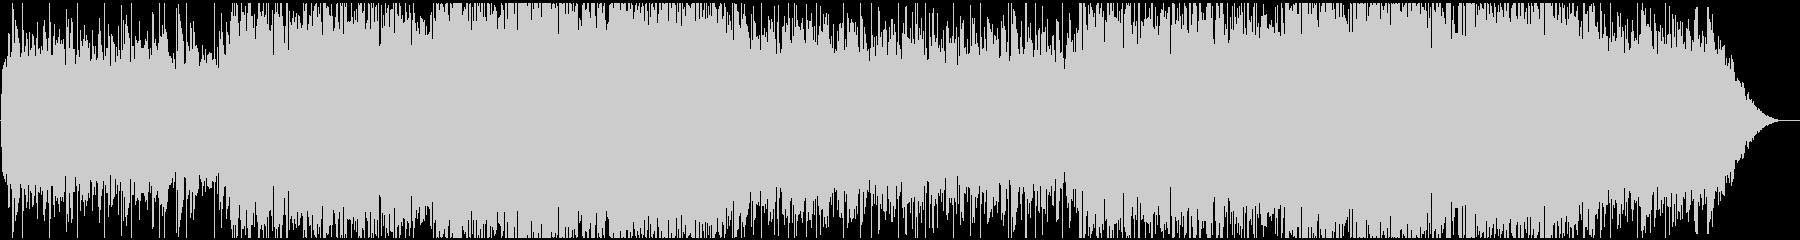 センチメンタルで少し切なげなBGMの未再生の波形